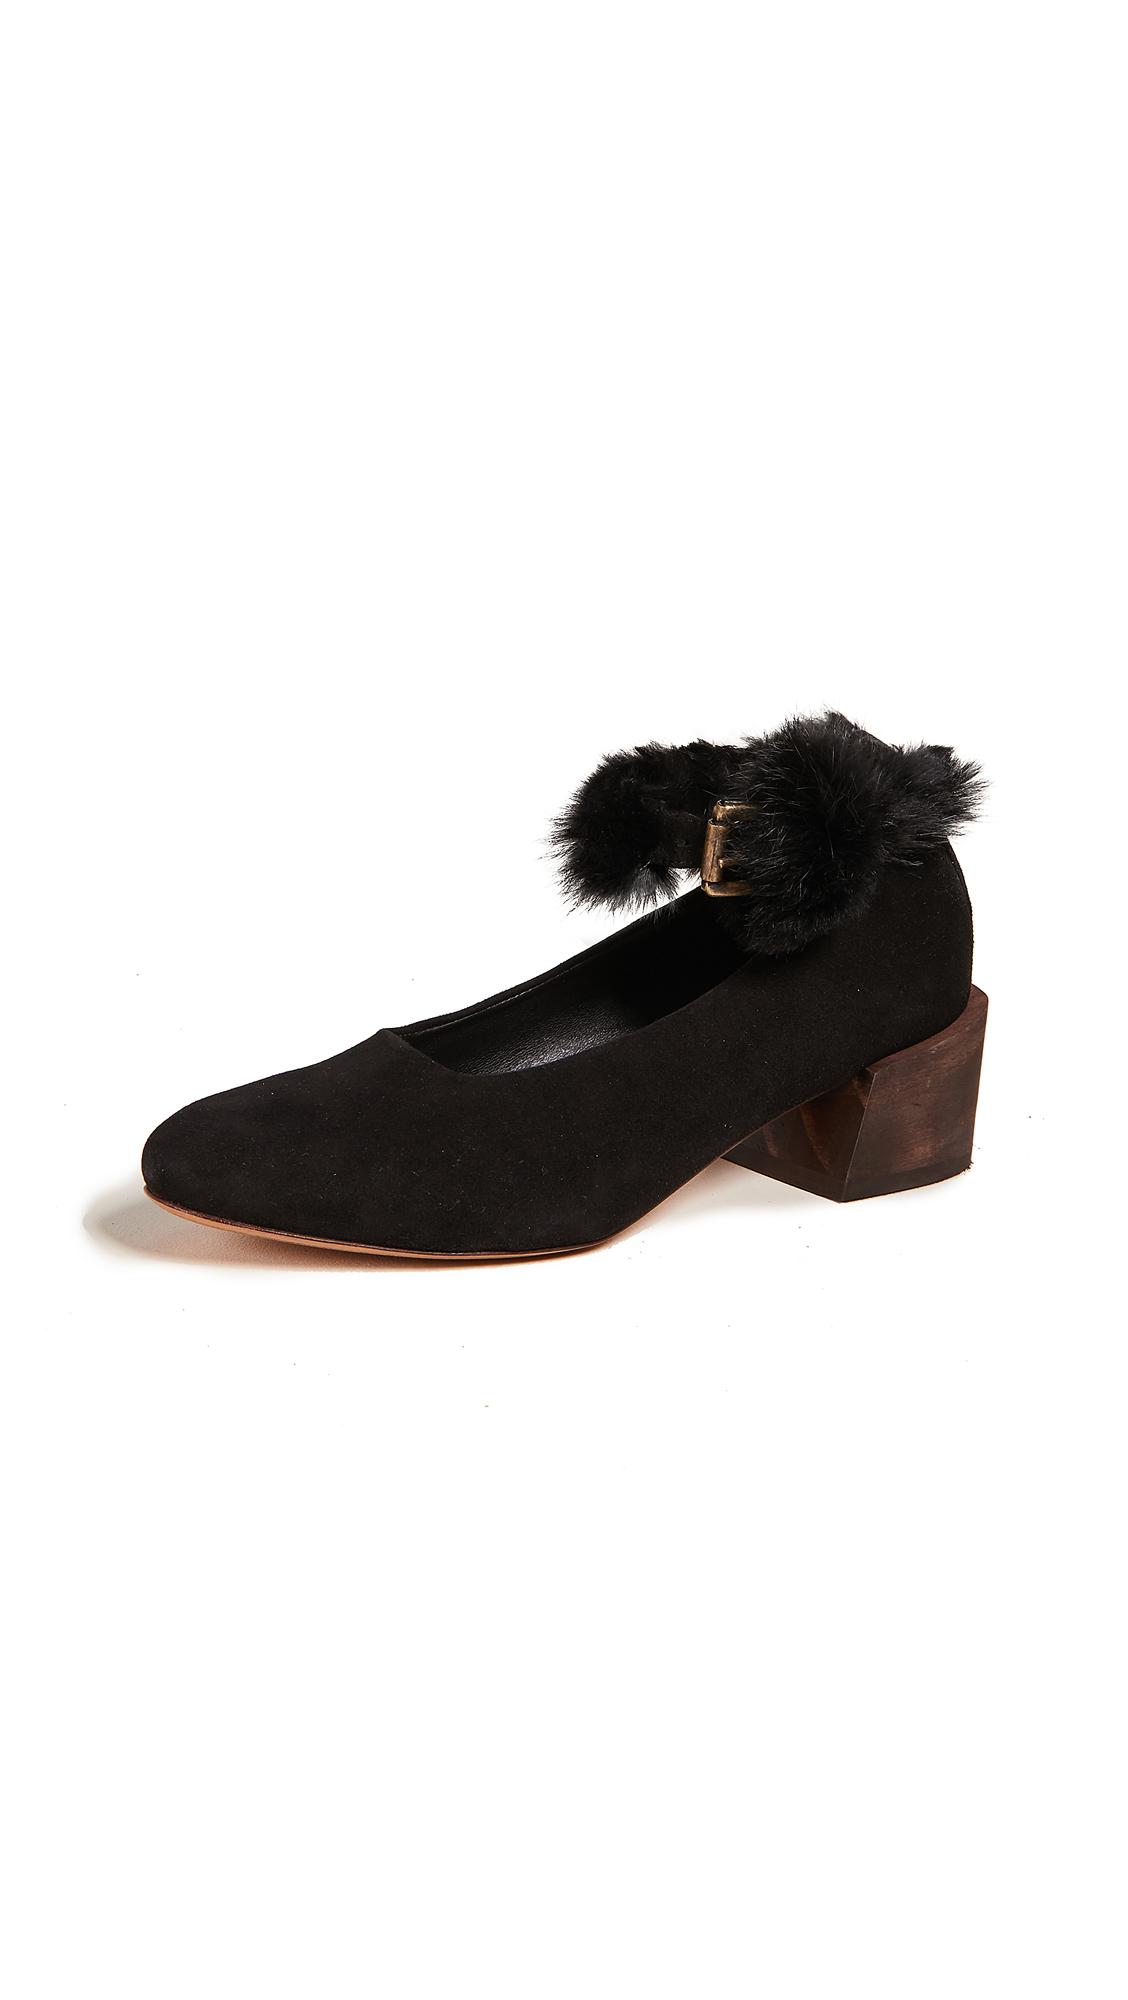 Mari Giudicelli Pina Ballerina Pumps - Black